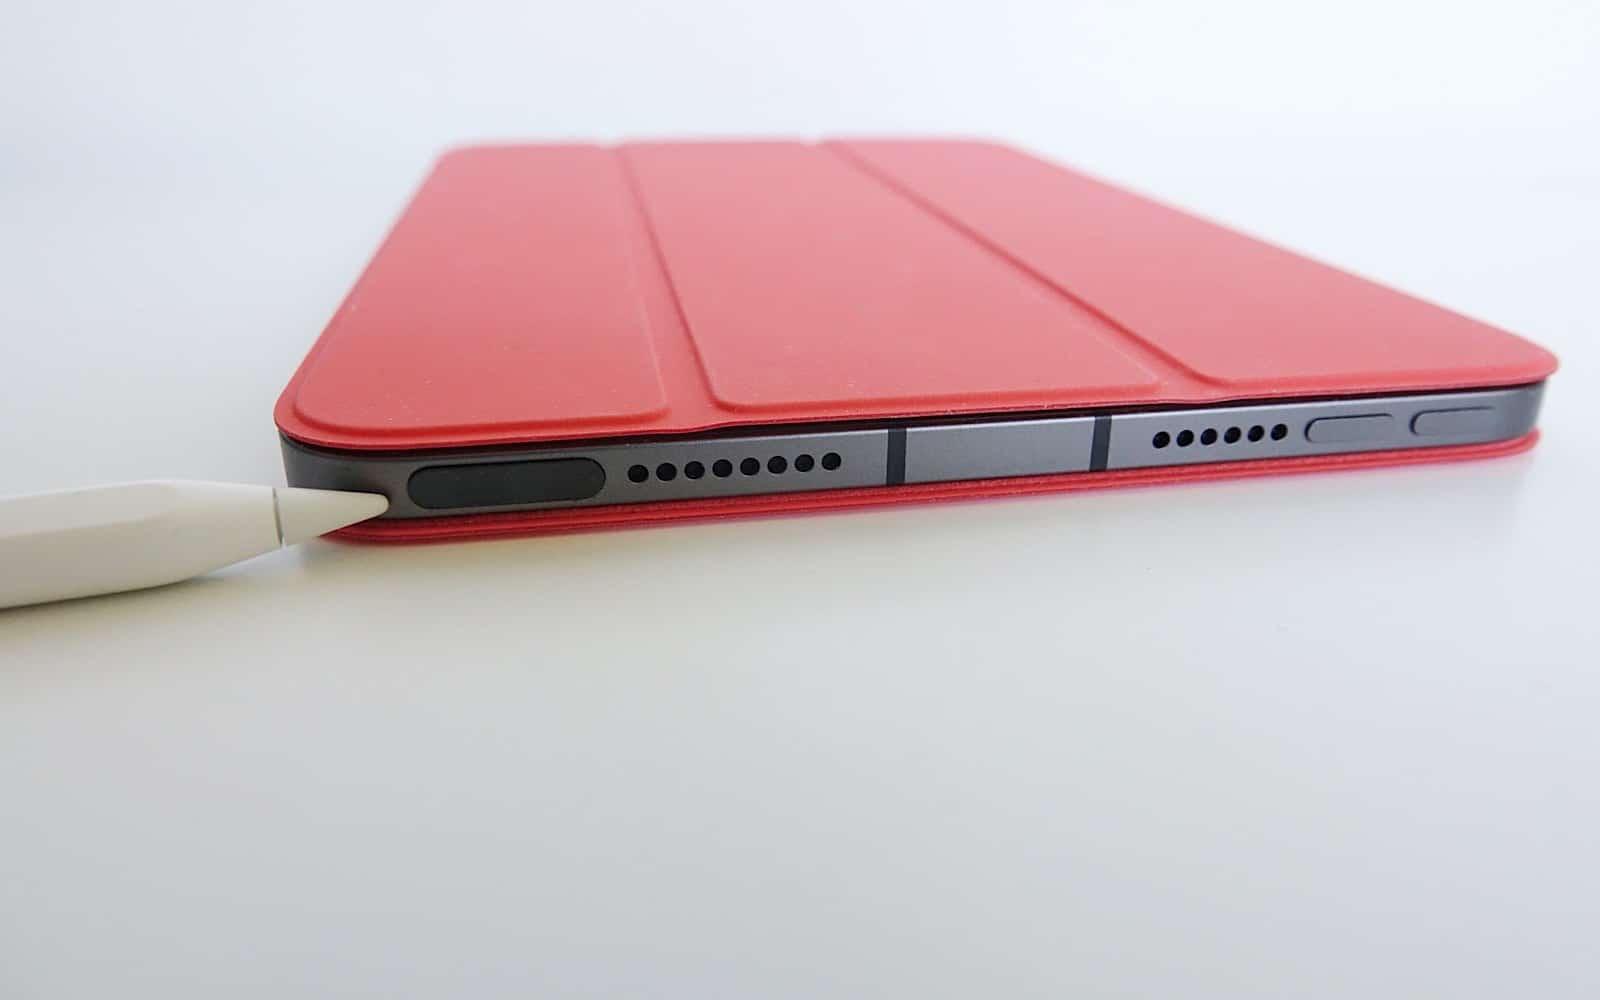 The Apple Pencil points to the fingerprint sensor on the iPad Mini.